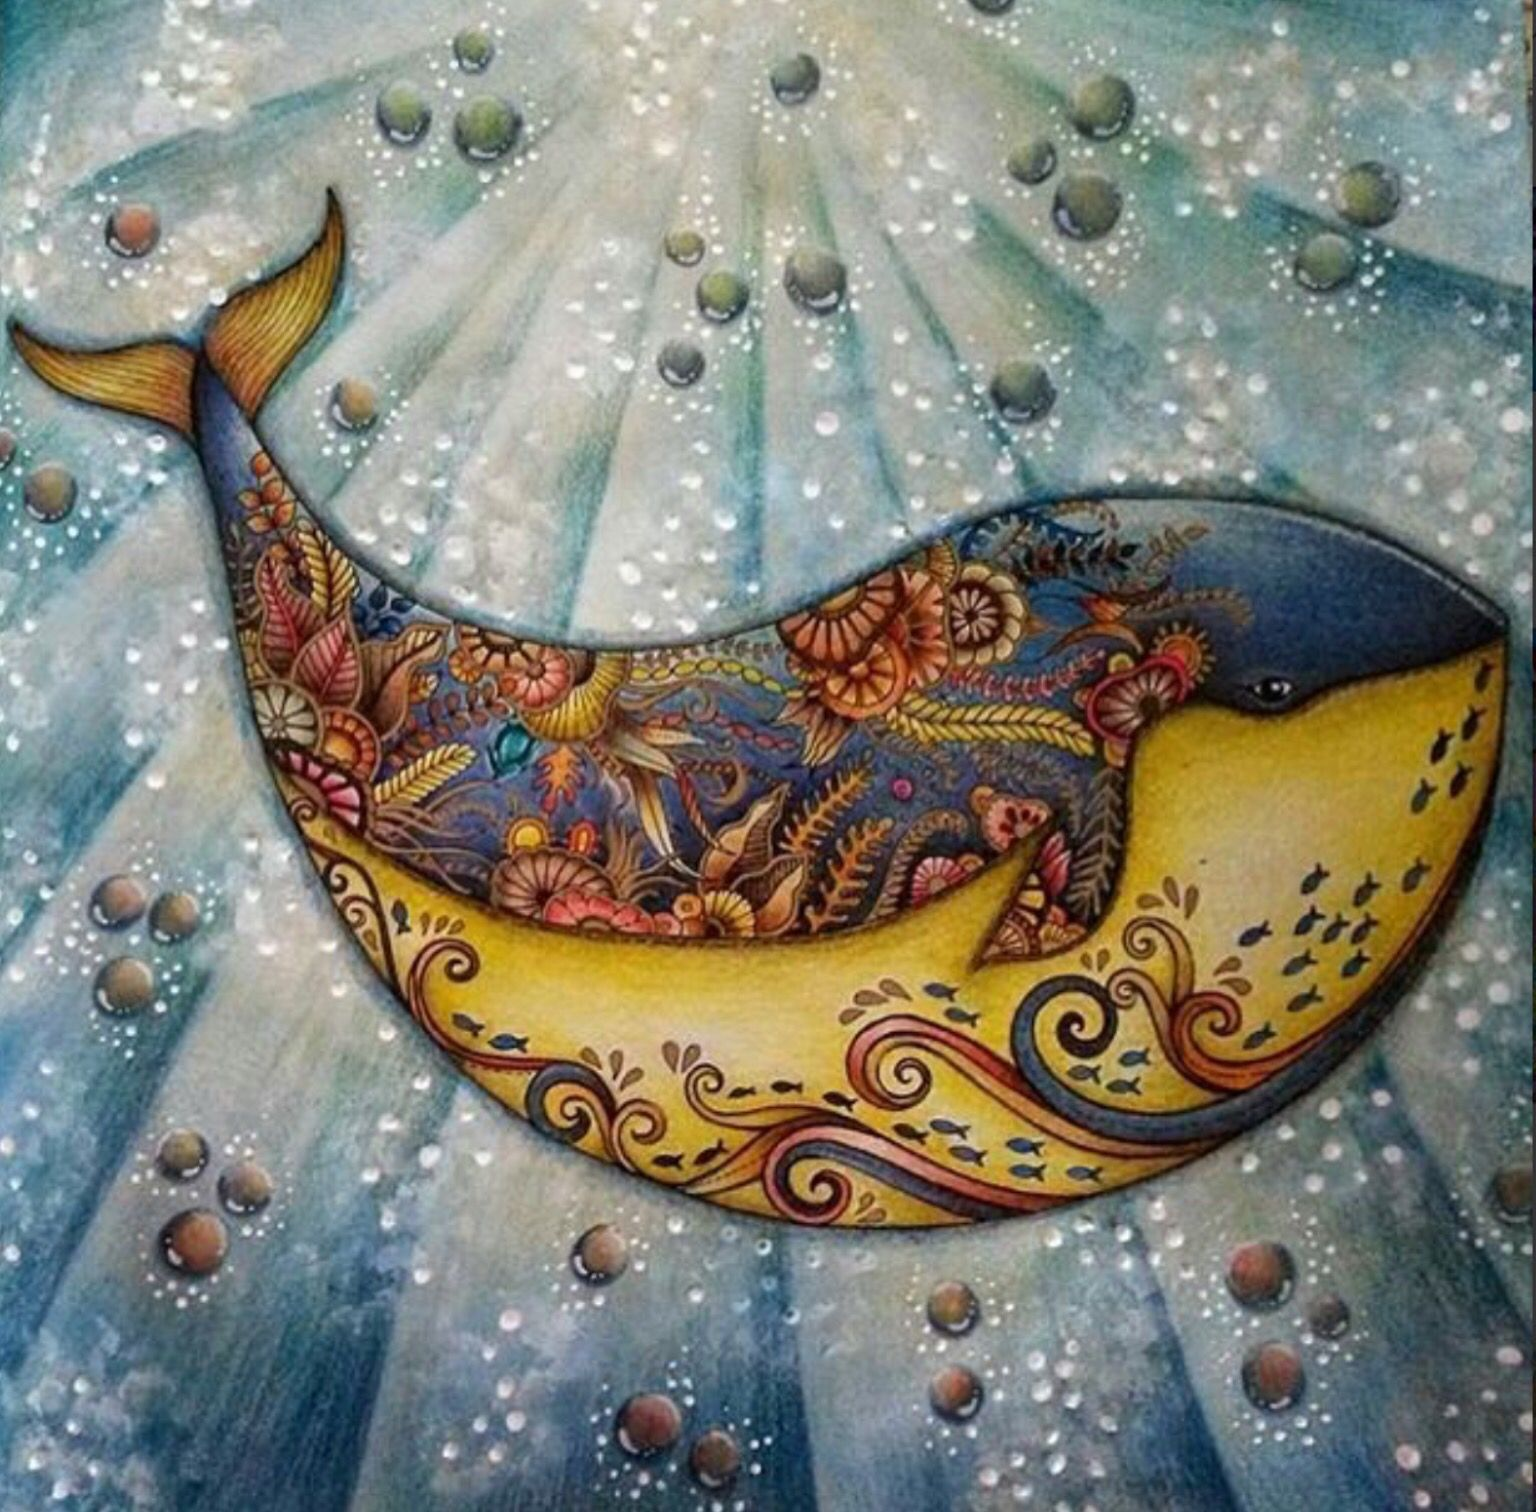 Lost Ocean Lost Ocean Coloring Book Johanna Basford Coloring Book Coloring Book Art